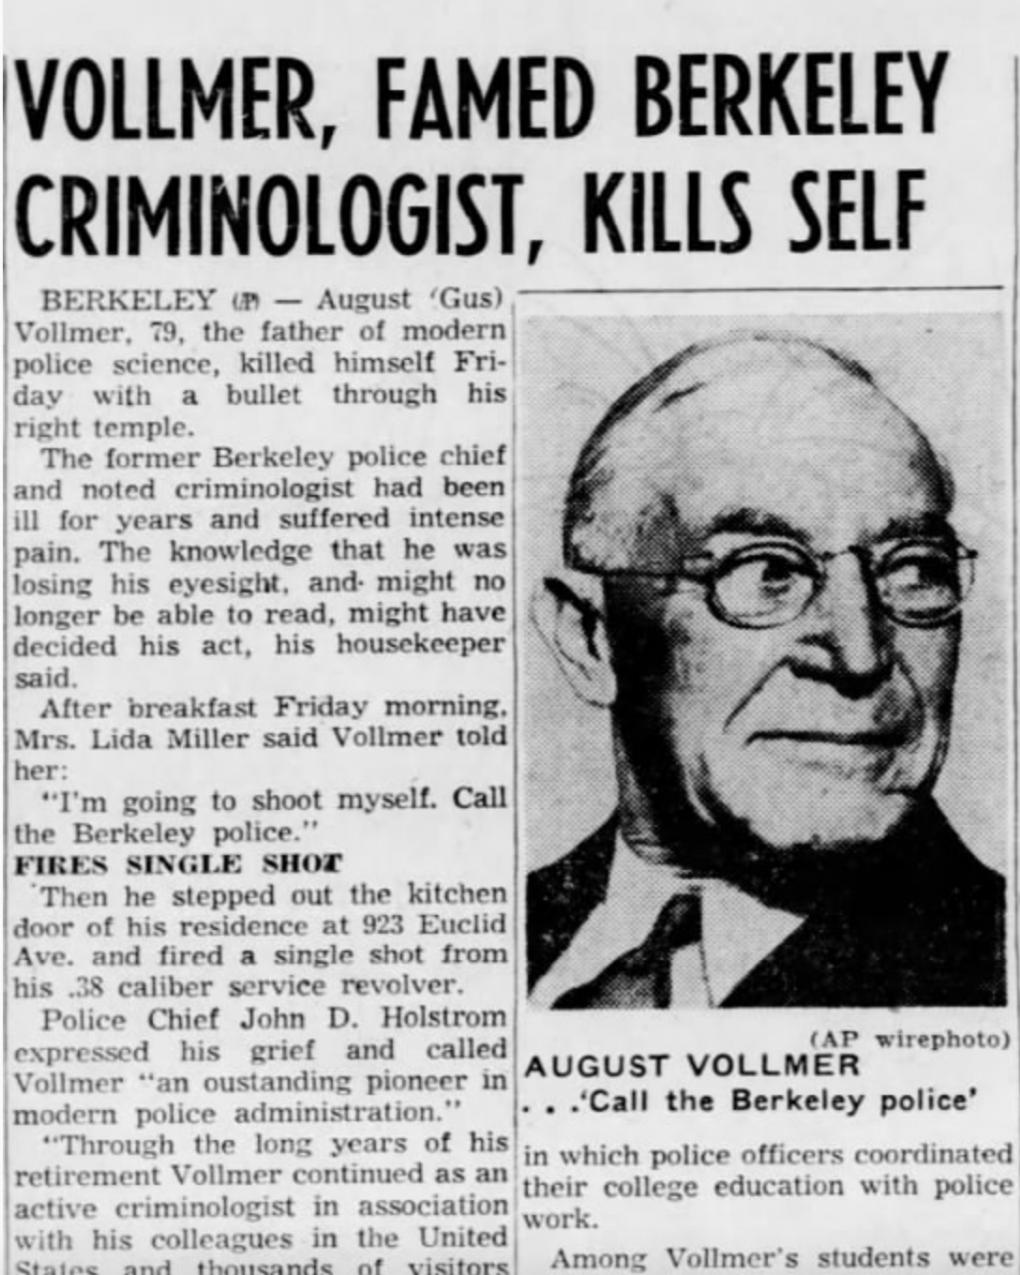 Vollmer's obituary